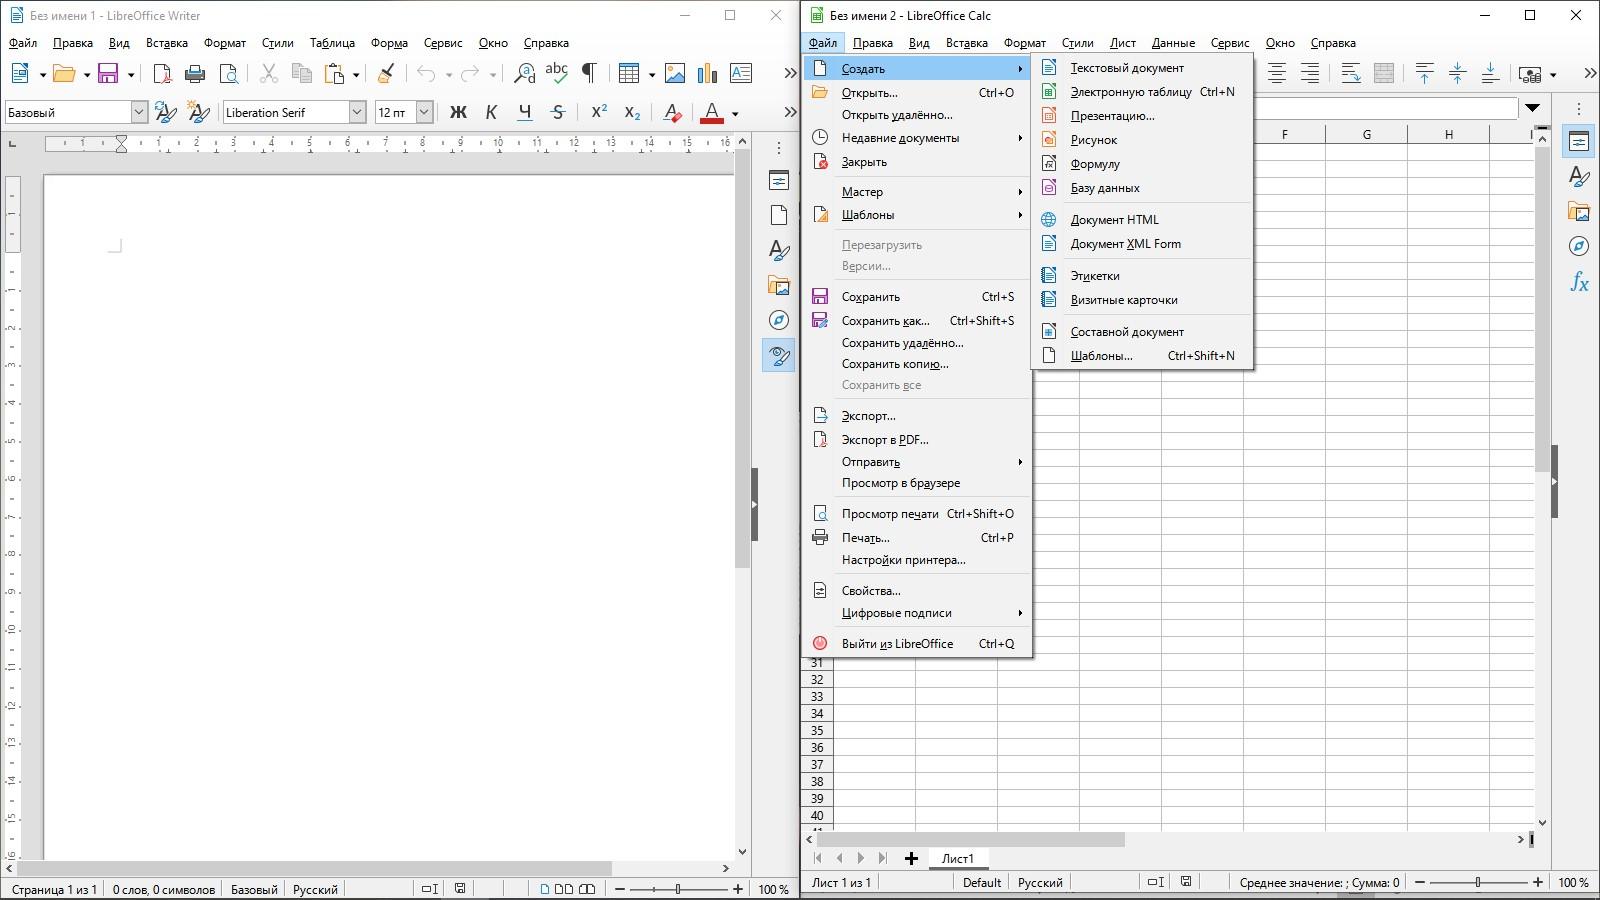 Можно ли в LibreOffice одновременно работать с файлами разных форматов